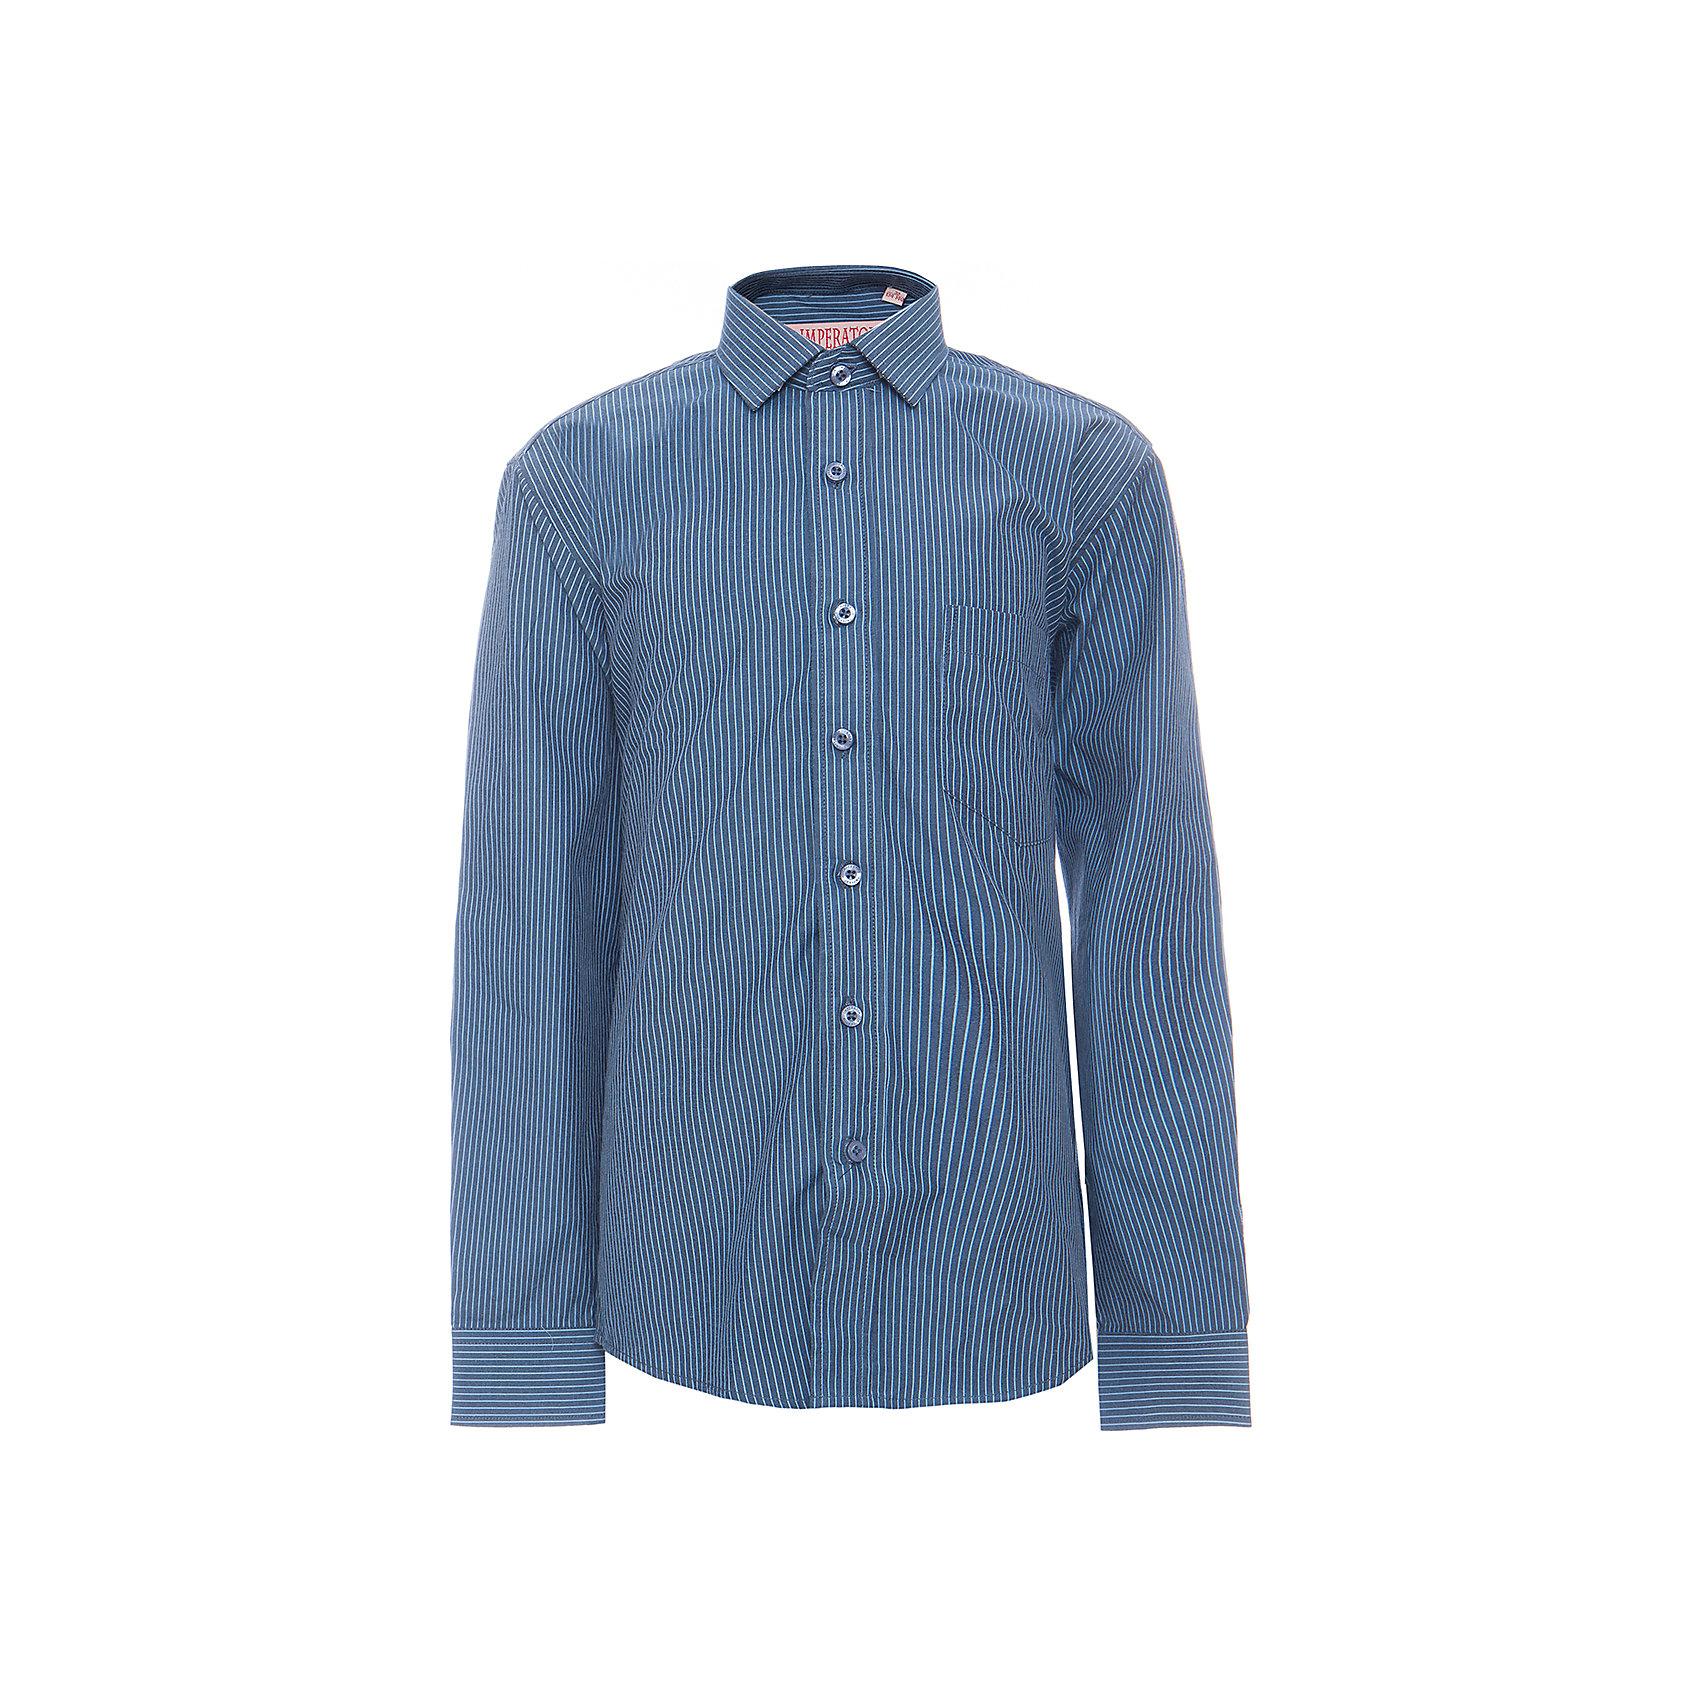 Рубашка для мальчика ImperatorБлузки и рубашки<br>Характеристики товара:<br><br>• цвет: синий<br>• состав ткани: 65% хлопок, 35% полиэстер<br>• особенности: школьная, праздничная<br>• застежка: пуговицы<br>• рукава: длинные<br>• сезон: круглый год<br>• страна бренда: Российская Федерация<br>• страна изготовитель: Китай<br><br>Стильная классическая сорочка для мальчика - отличный вариант практичной и стильной школьной одежды.<br><br>Накладной карман, свободный покрой, дышащая ткань с преобладанием хлопка - красиво и удобно.<br><br>Рубашку для мальчика Imperator (Император) можно купить в нашем интернет-магазине.<br><br>Ширина мм: 174<br>Глубина мм: 10<br>Высота мм: 169<br>Вес г: 157<br>Цвет: синий<br>Возраст от месяцев: 144<br>Возраст до месяцев: 156<br>Пол: Мужской<br>Возраст: Детский<br>Размер: 158/164,164/170,122/128,128/134,134/140,140/146,146/152,146/152,152/158,152/158<br>SKU: 6860798